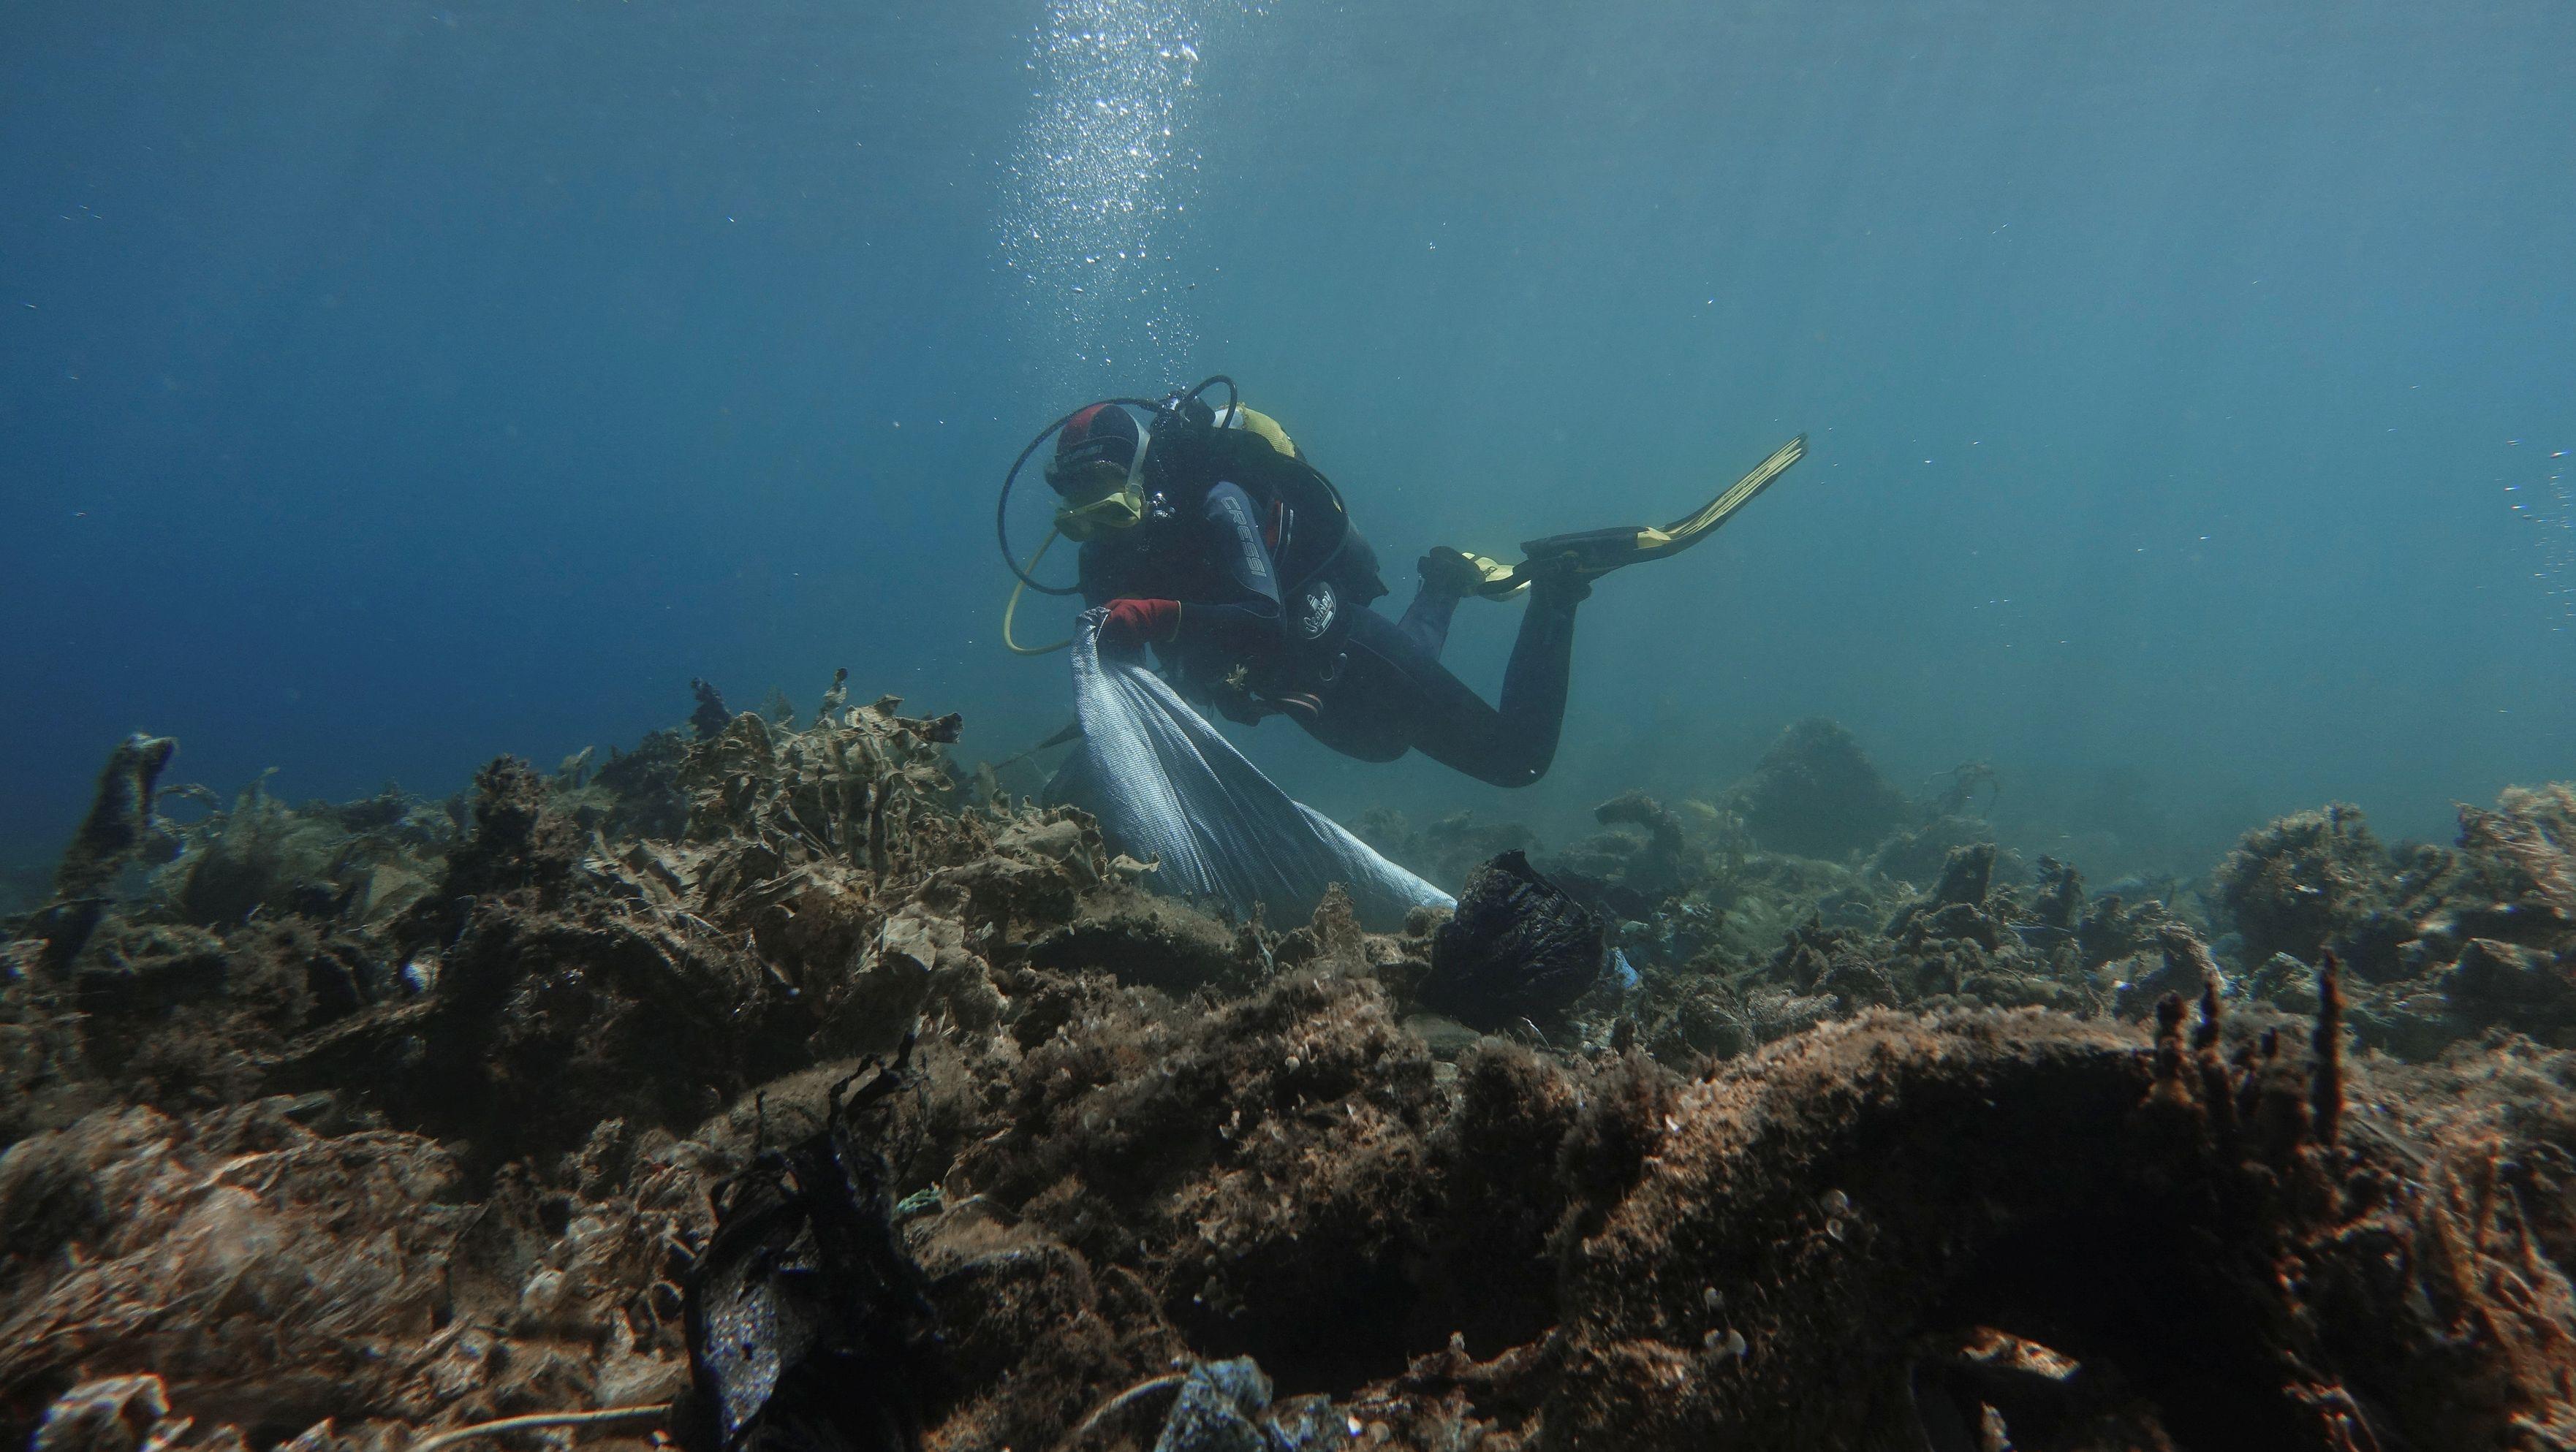 Taucher sammelt Plastikmüll vor der griechischen Insel Andros